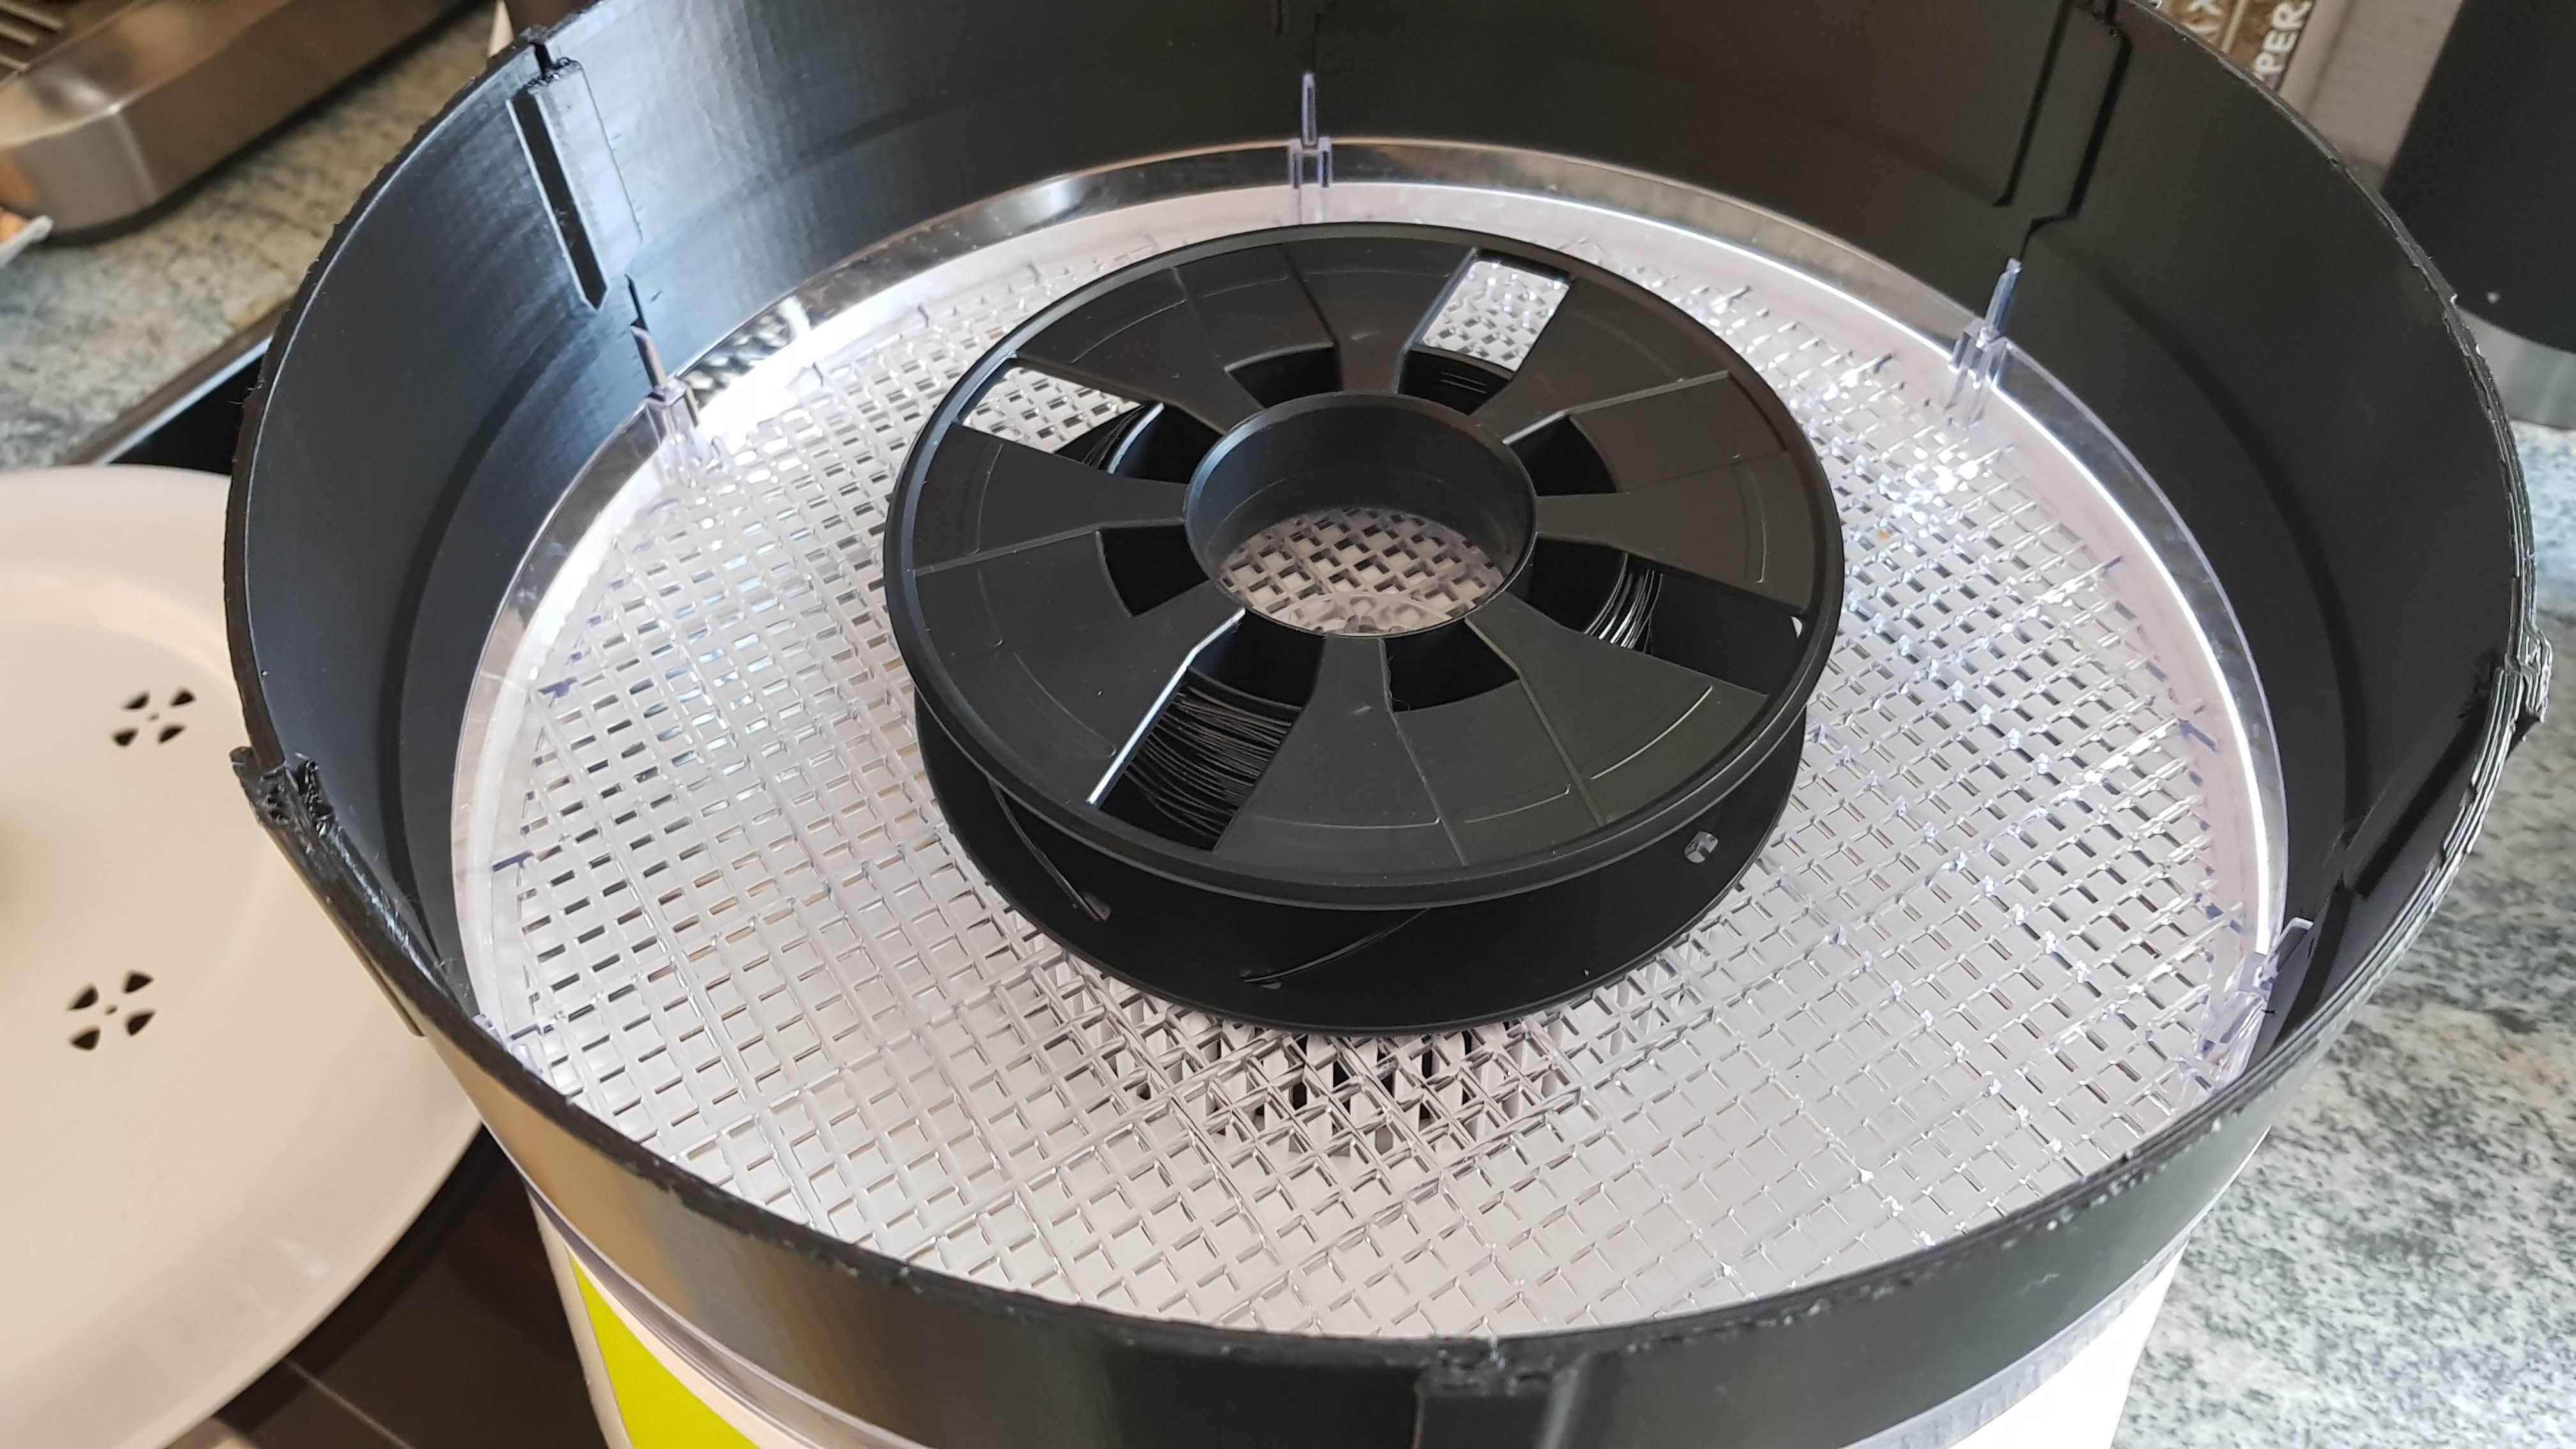 20190929_102508.jpg Download free STL file Filament dryer expansion rings for Model G3Ferrari Conservo • 3D printer design, alkobua